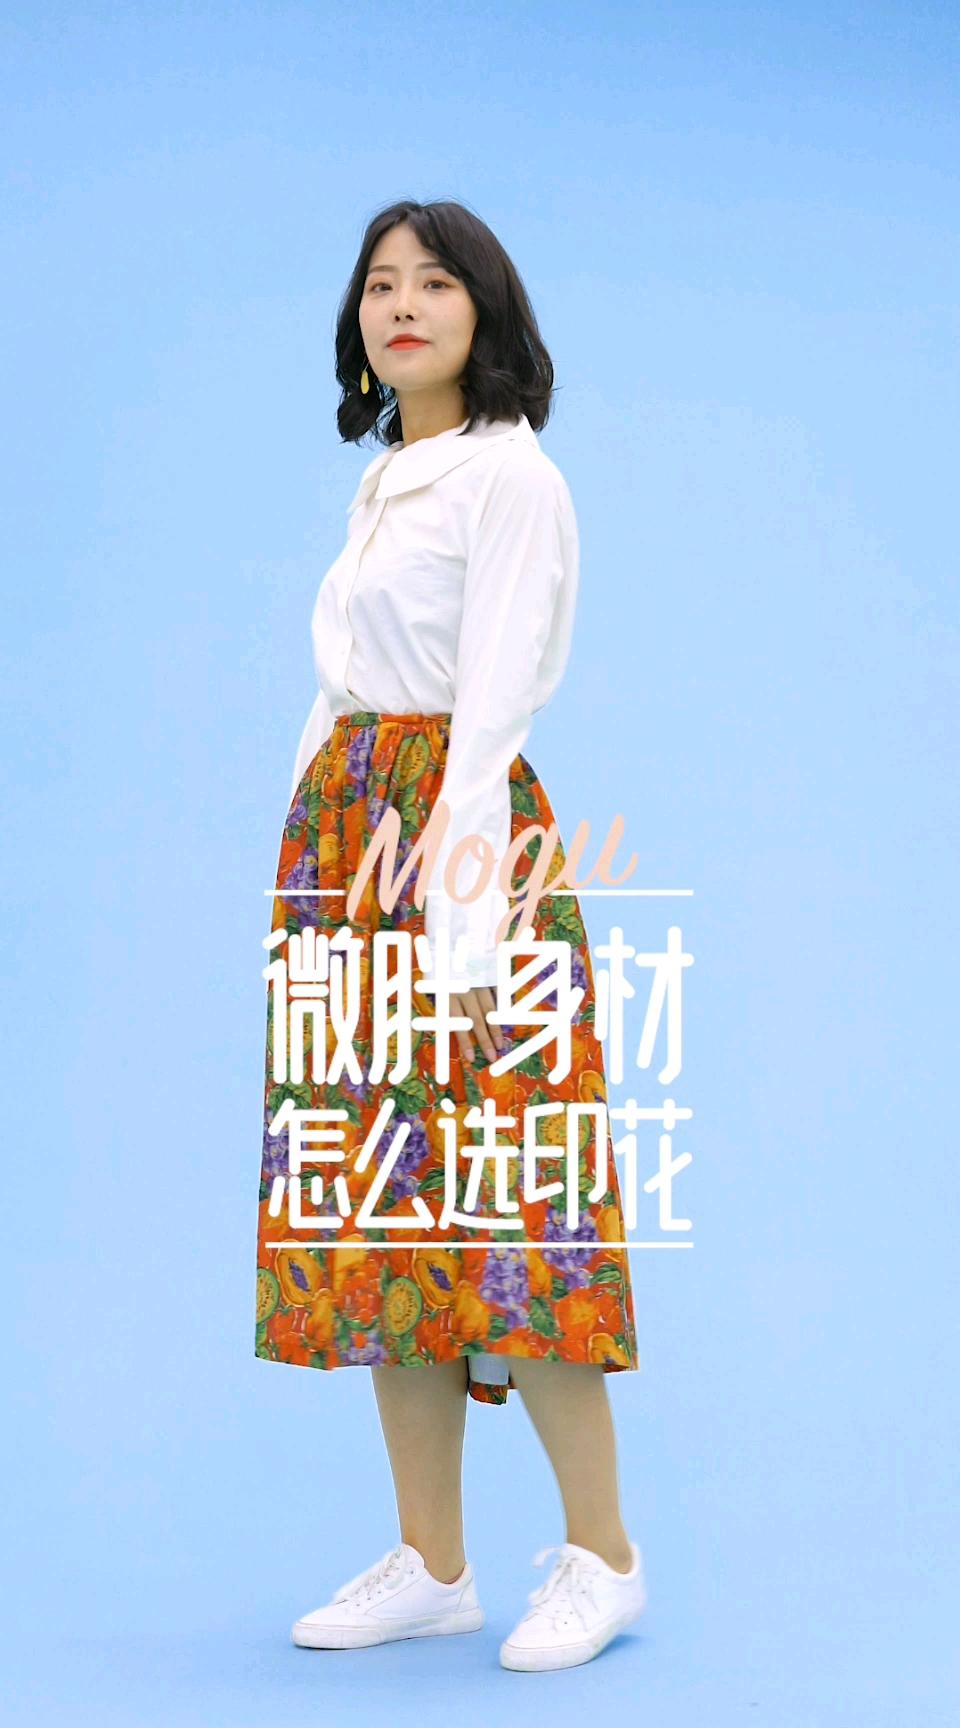 微胖女孩福利!春夏想穿印花,这么穿绝对显瘦!#显瘦穿搭#仙女们喜欢长裙还是短裙呀?